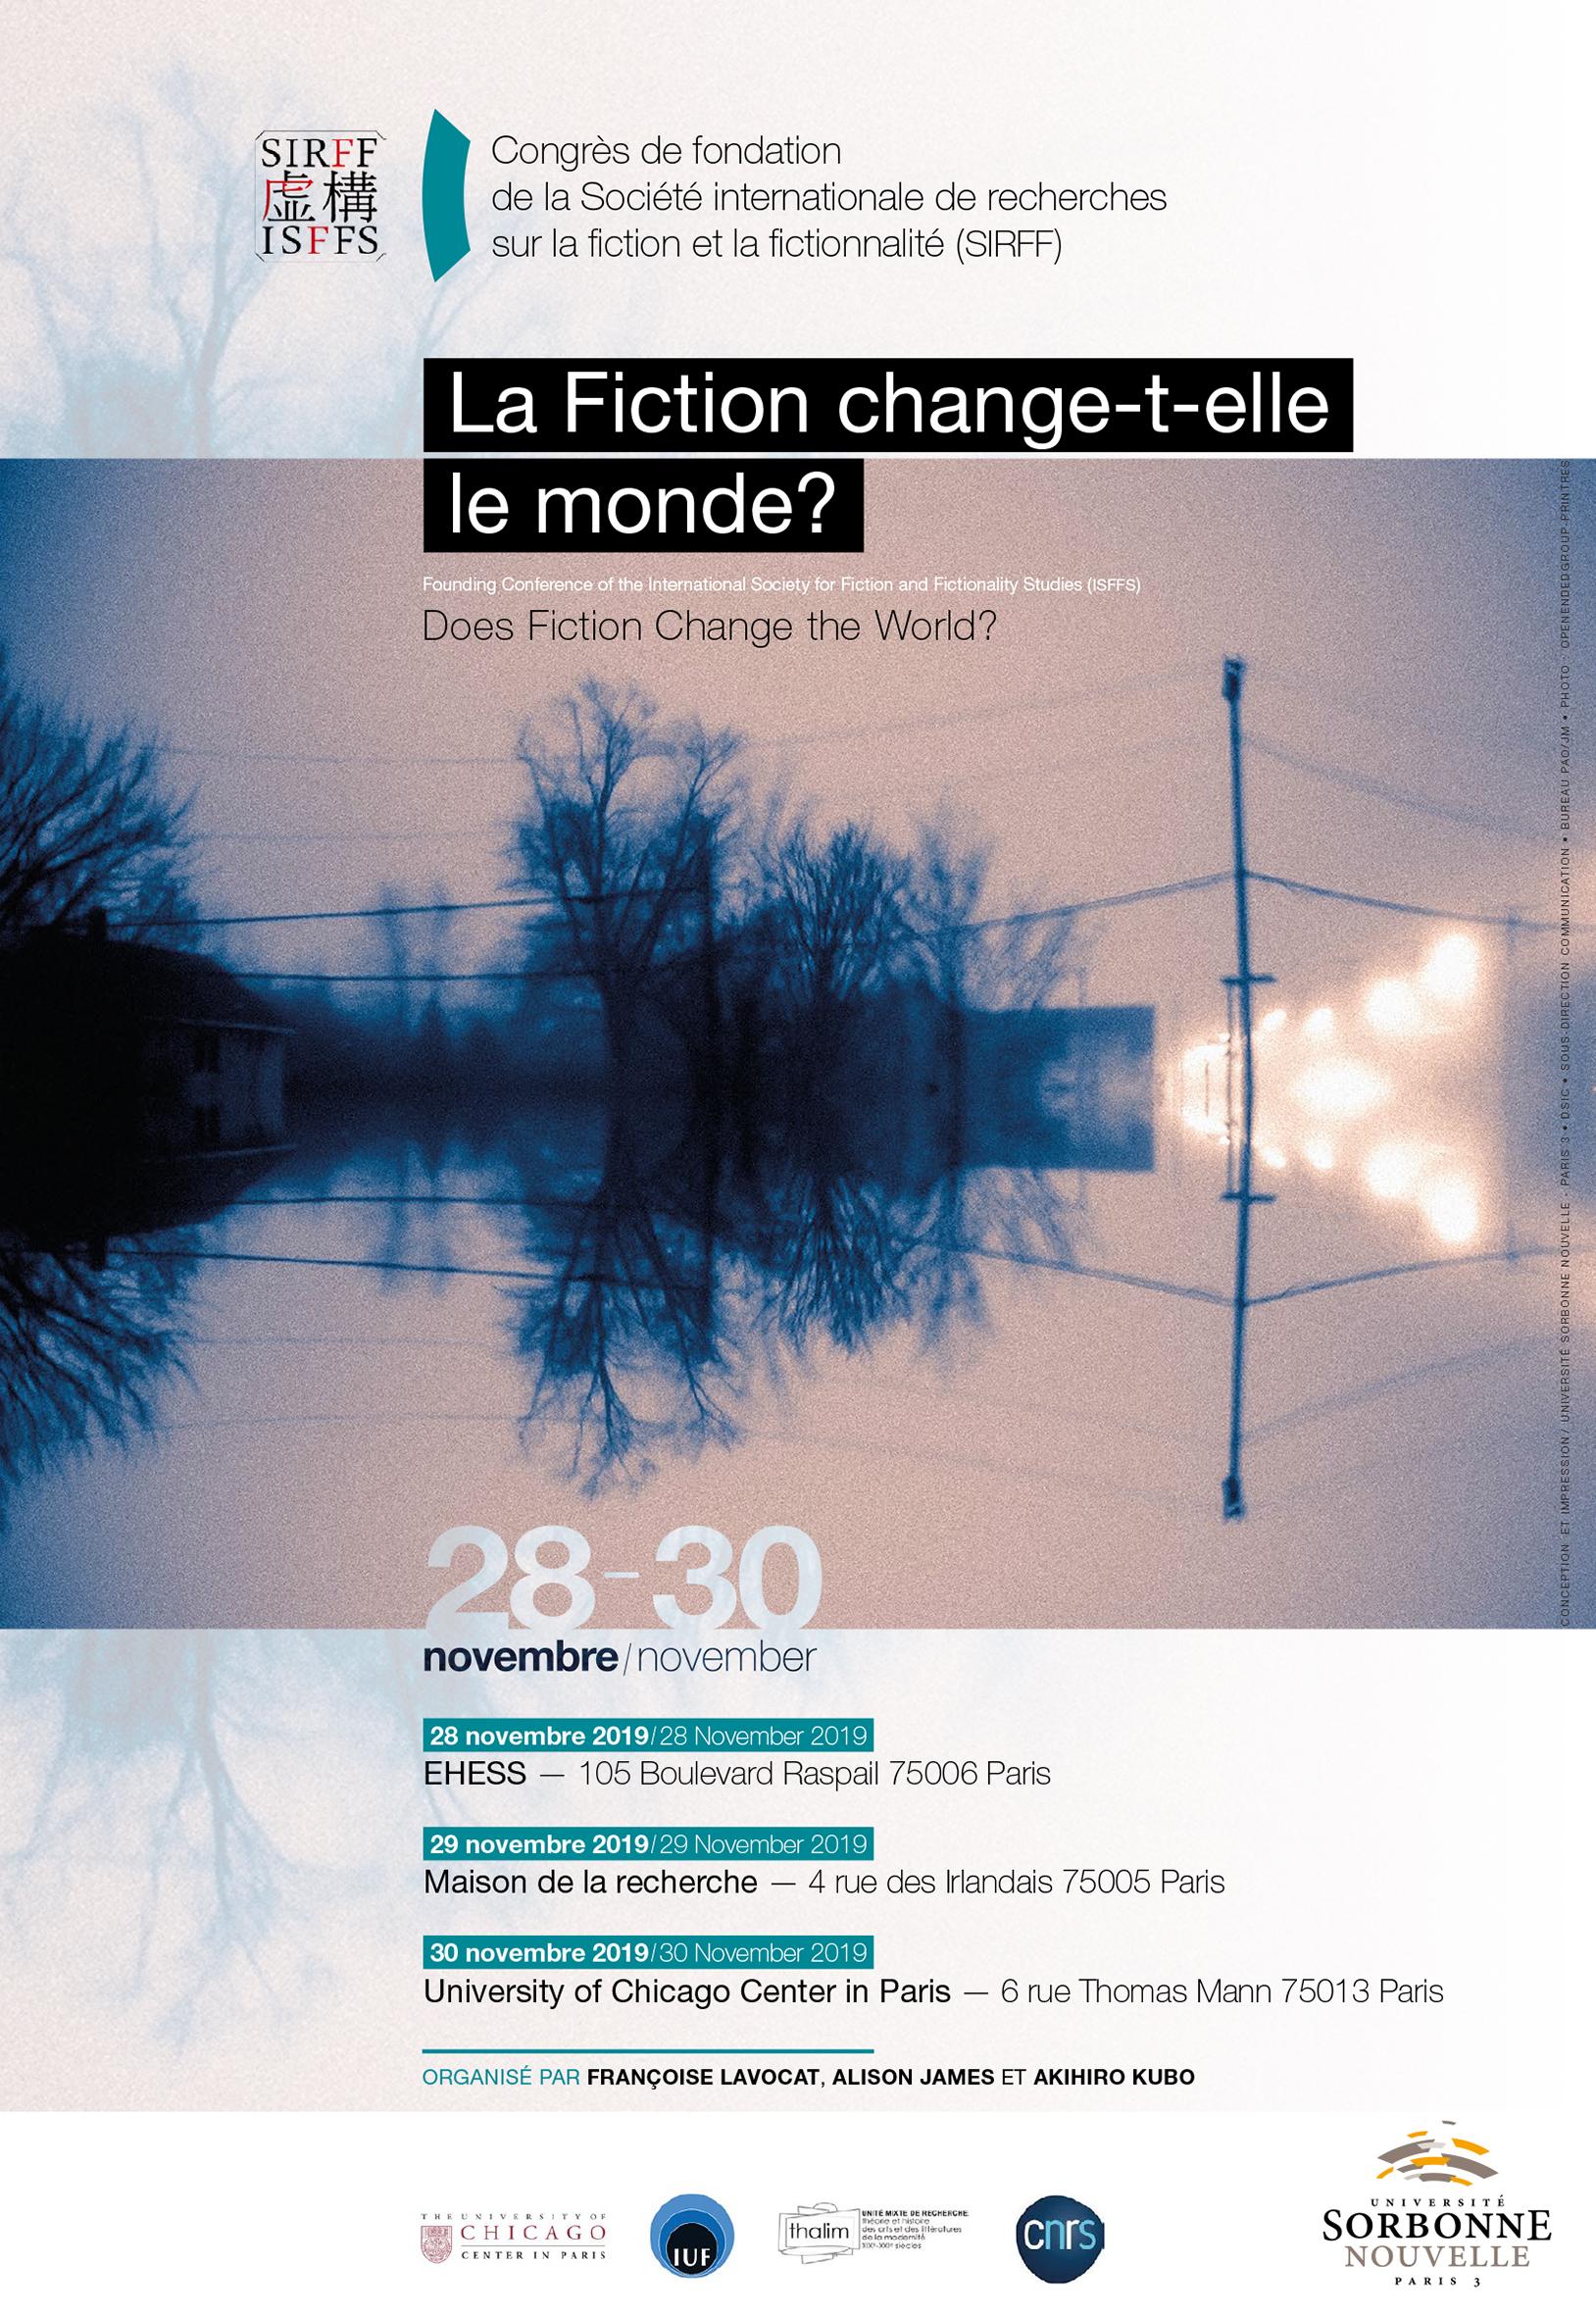 Affiche - La Fiction change-t-elle le monde.jpg